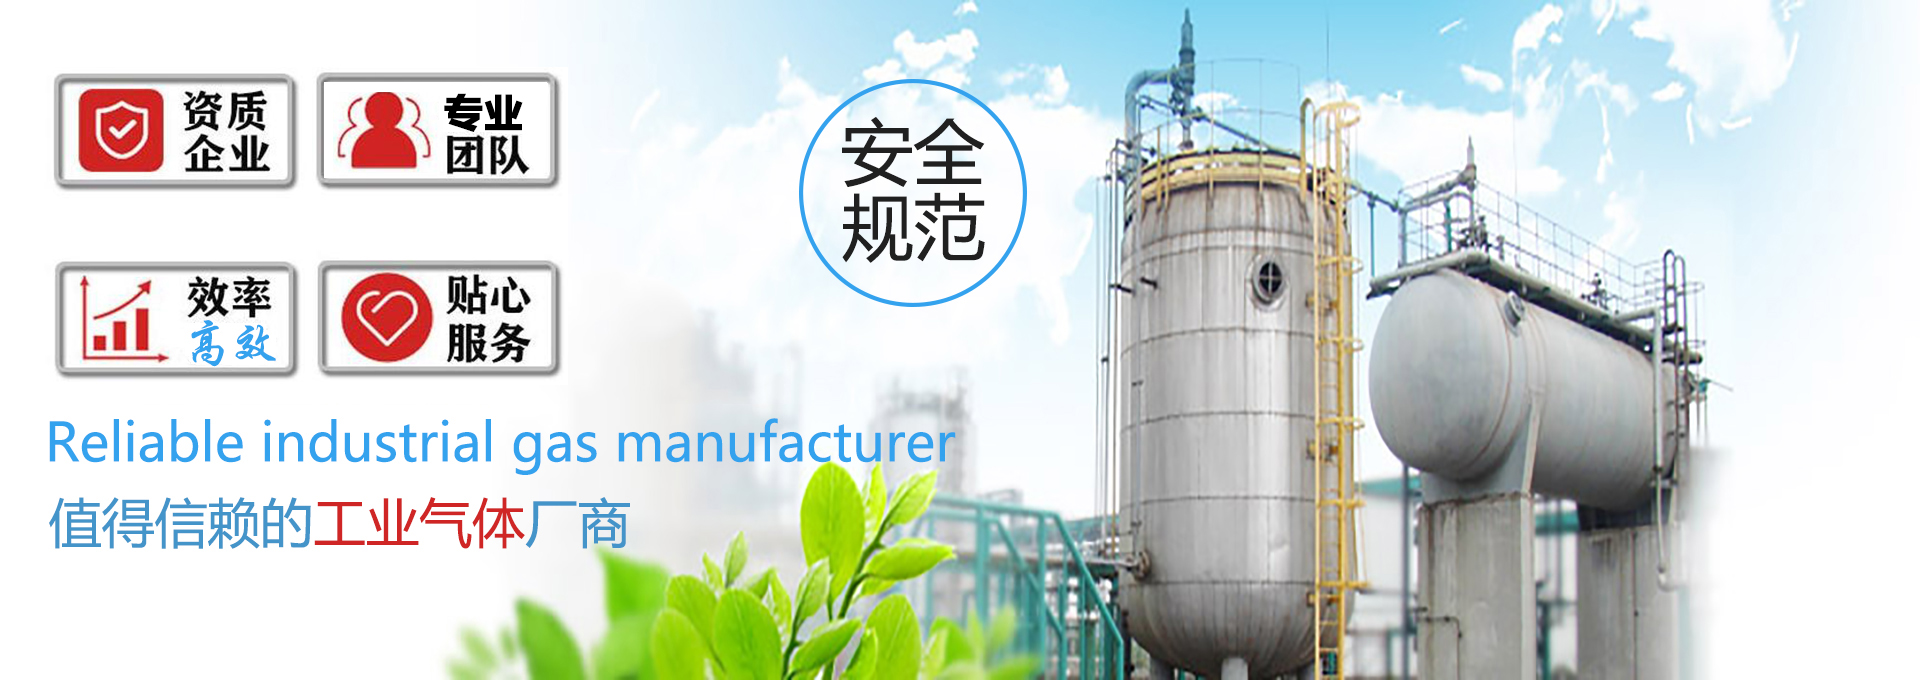 贵州气体厂家